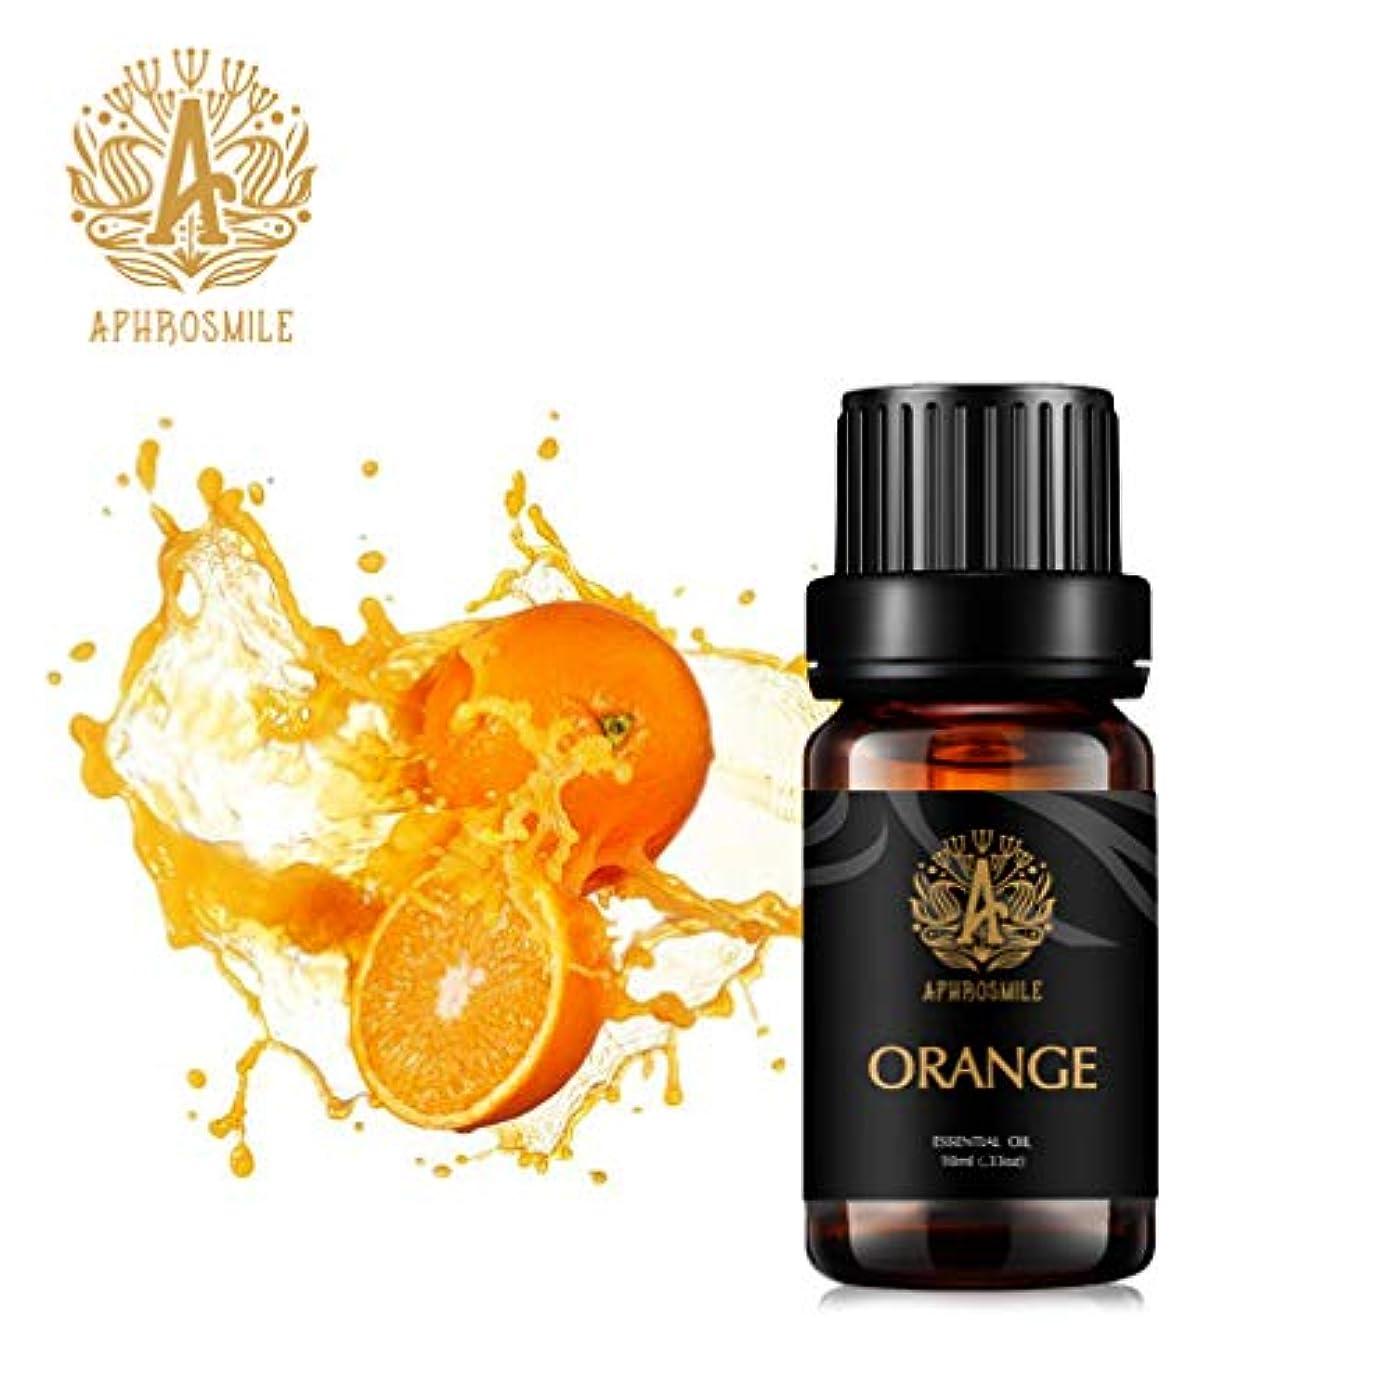 肉腫合意皮肉オレンジエッセンシャルオイル、100%ピュアアロマエッセンシャルオイルオレンジ香り、怒りを和らげる、治療用グレードエッセンシャルオイルオレンジの香り、為にディフューザー、マッサージ、加湿器、デイリーケア、0.33オンス-...